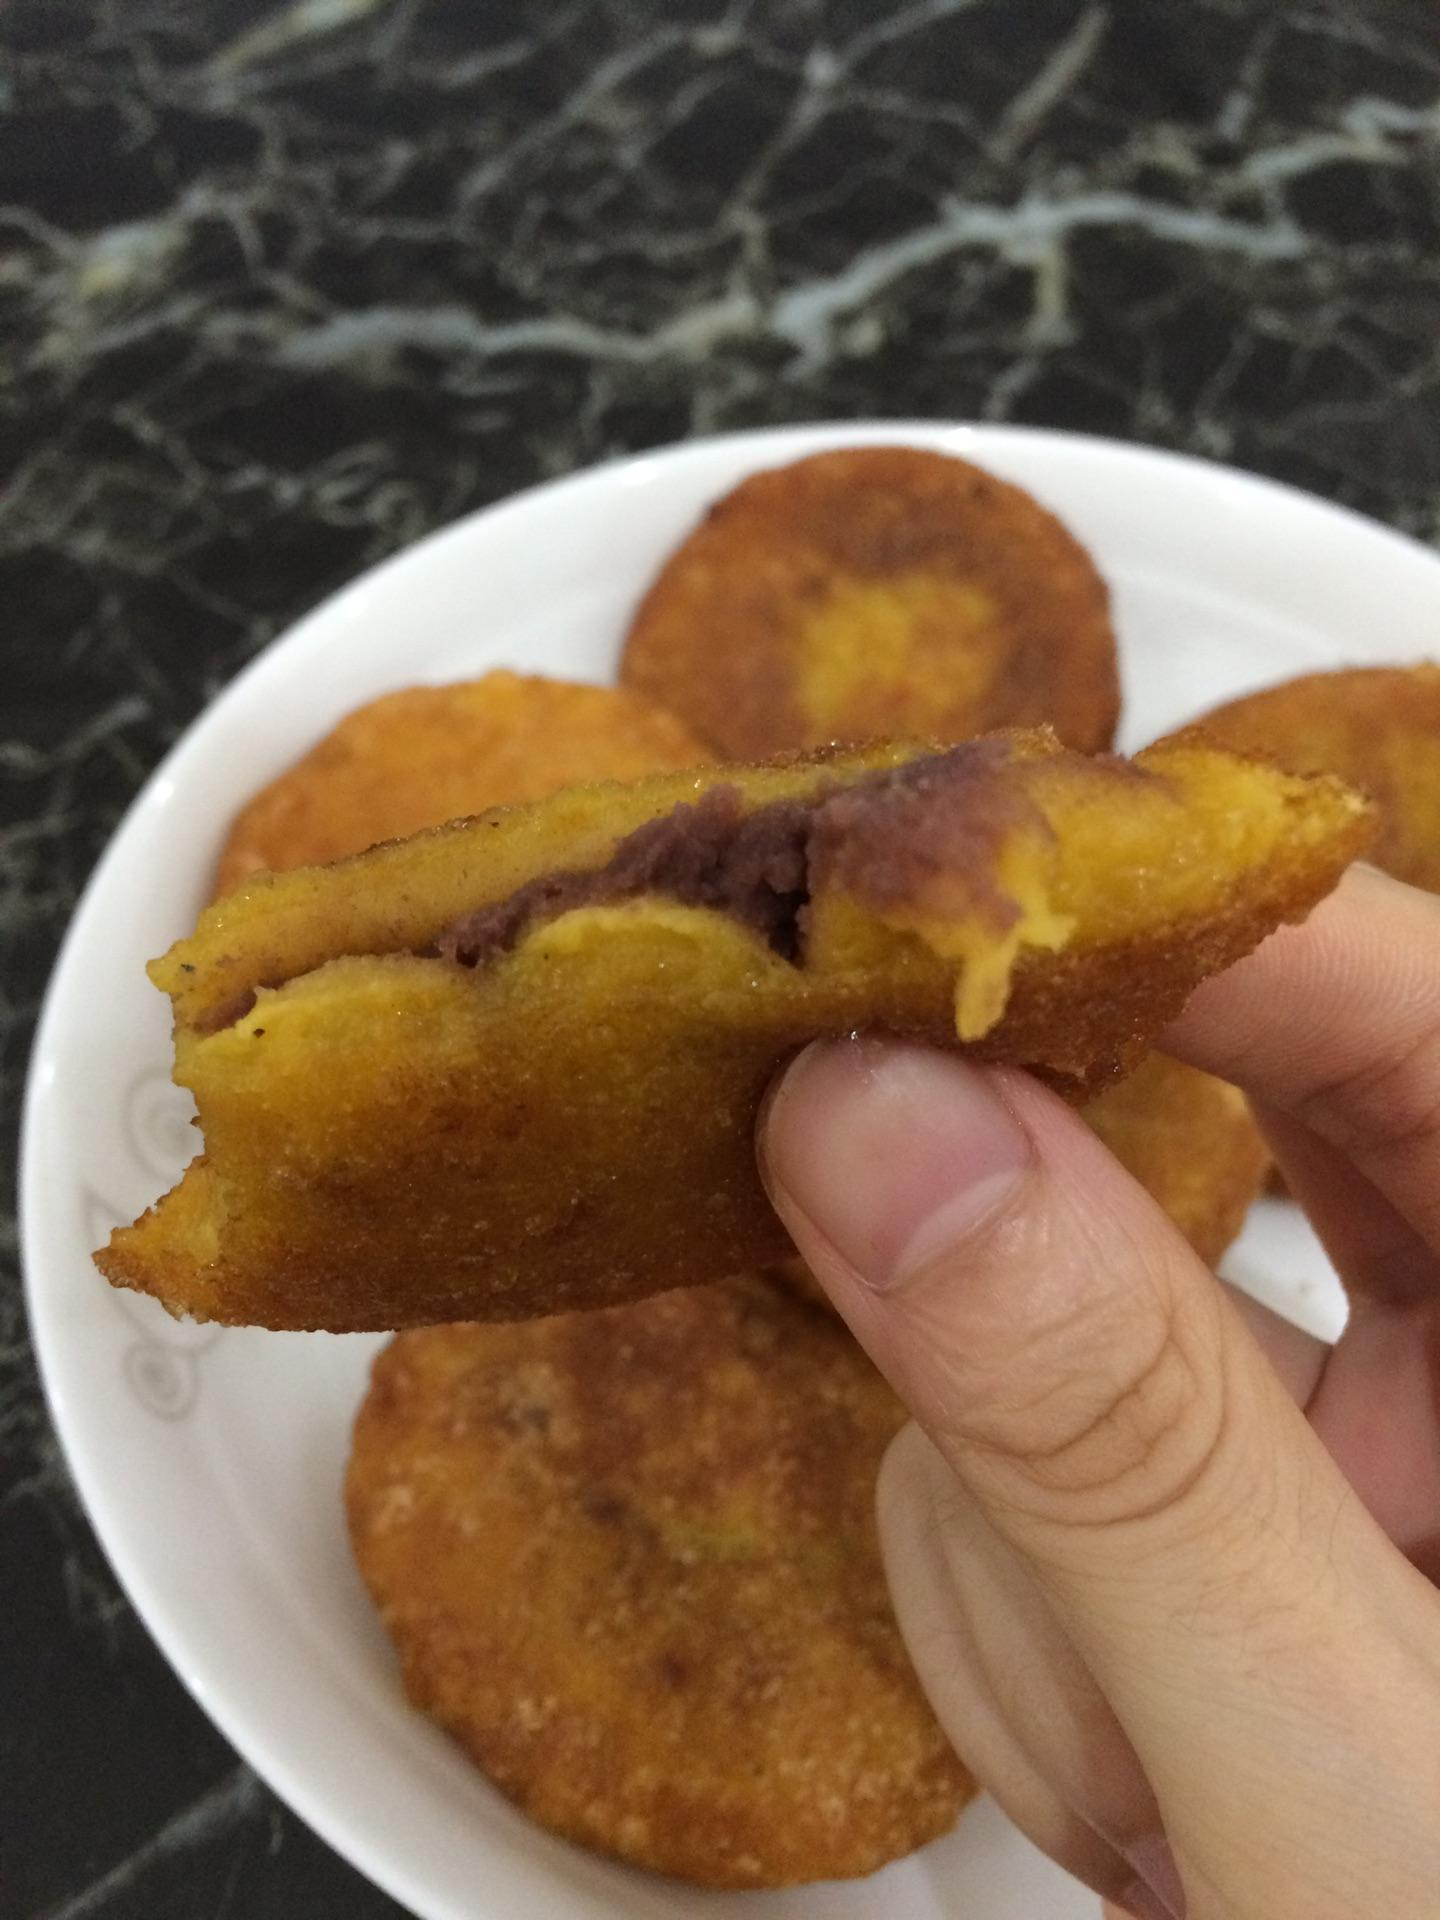 如何做好吃的南瓜饼_南瓜饼的做法_【图解】南瓜饼怎么做如何做好吃_南瓜饼家常做法 ...